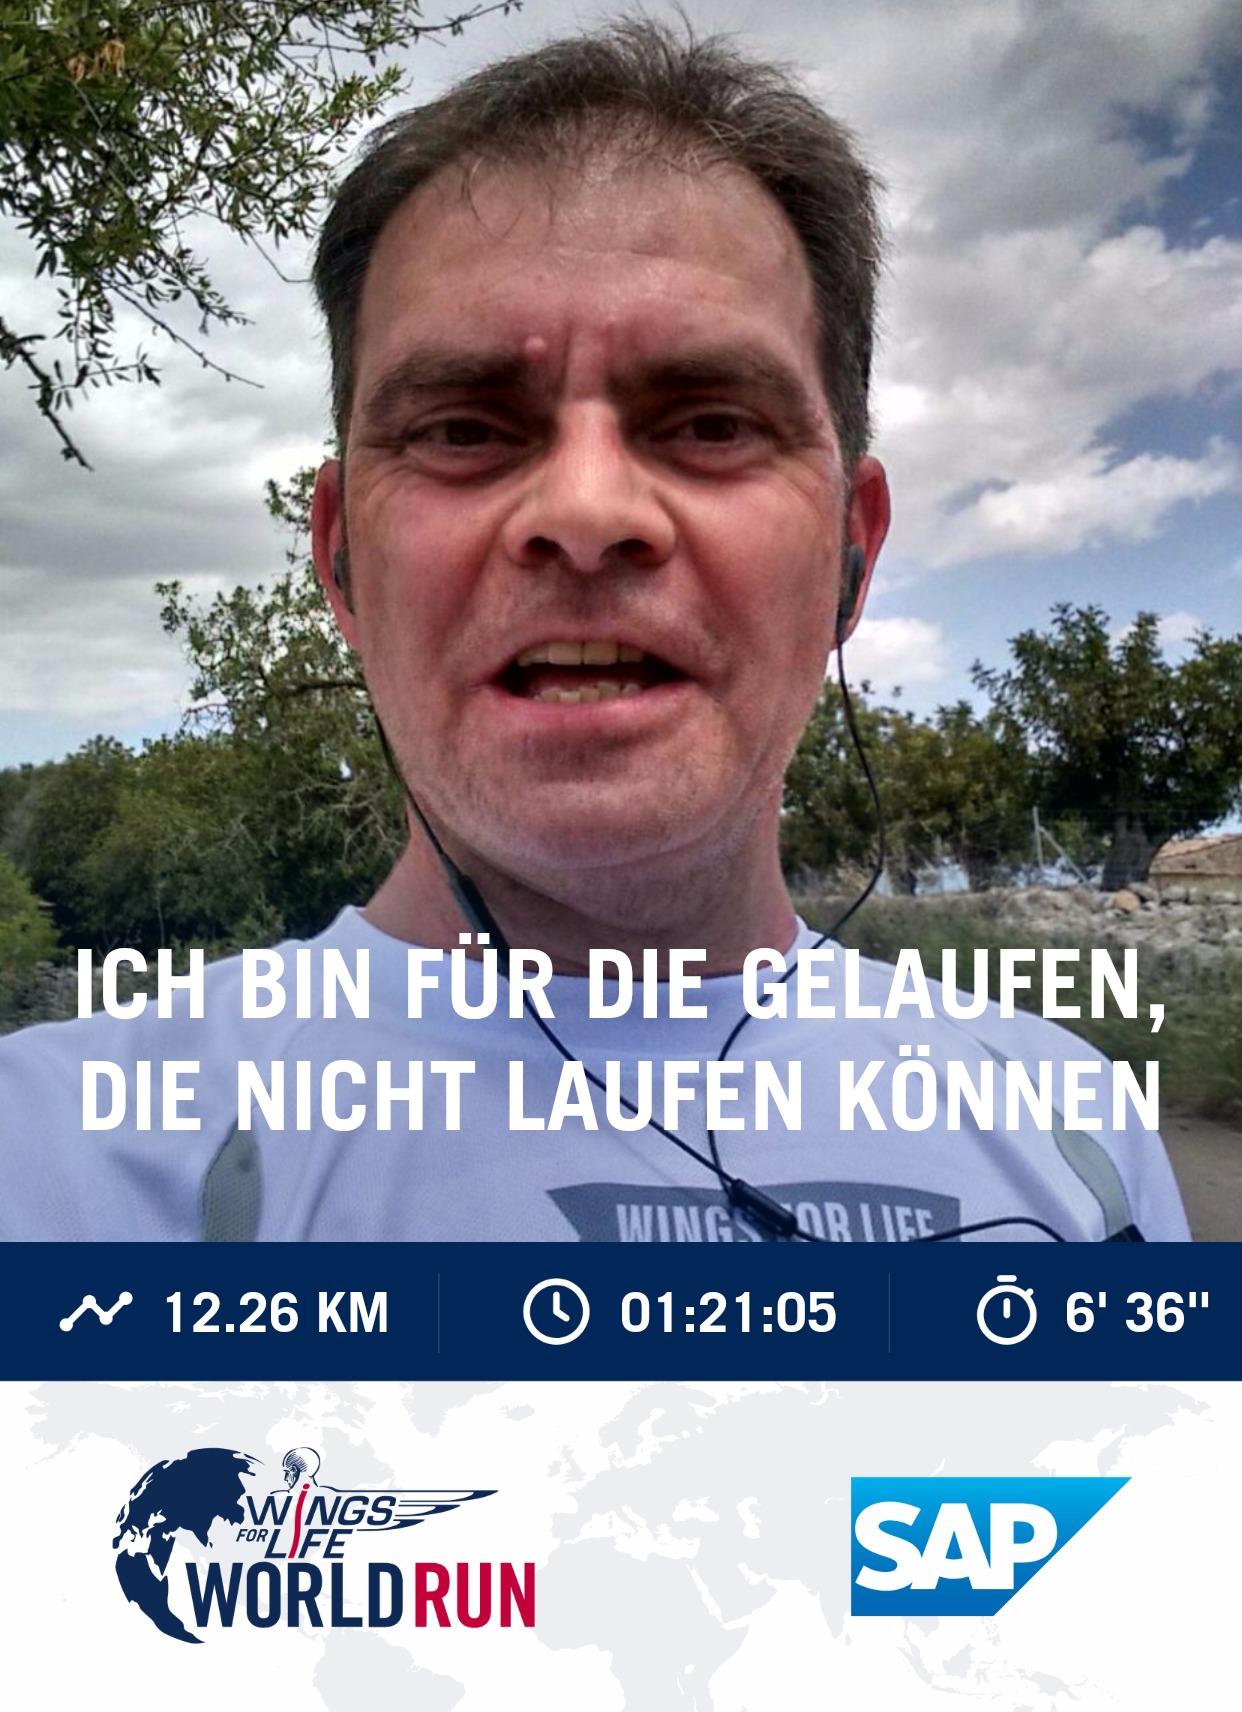 Vom Catcher Car erwischt nach 12,2 km